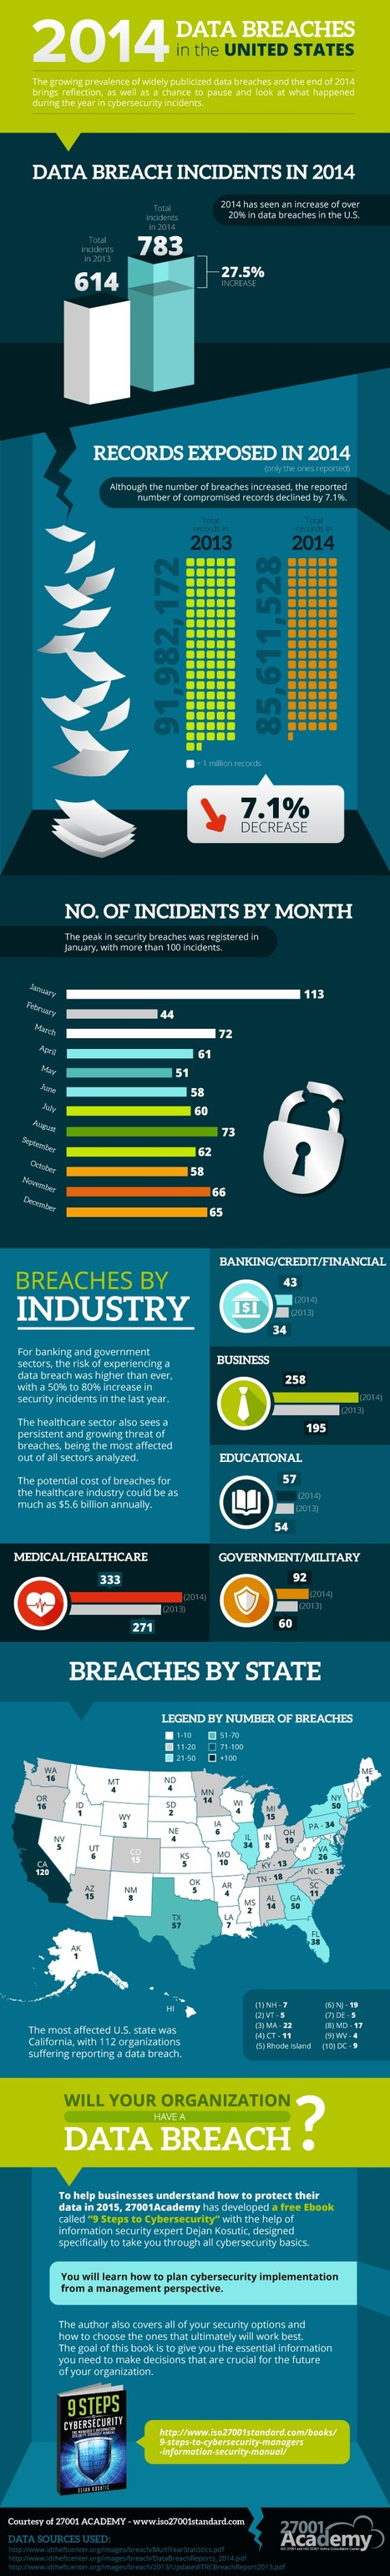 #Security: Infographic on Data Breaches in the US in 2014   #CyberSecurity   #Security #InfoSec #CyberSecurity #Sécurité #CyberSécurité #CyberDefence & #DevOps #DevSecOps   Scoop.it